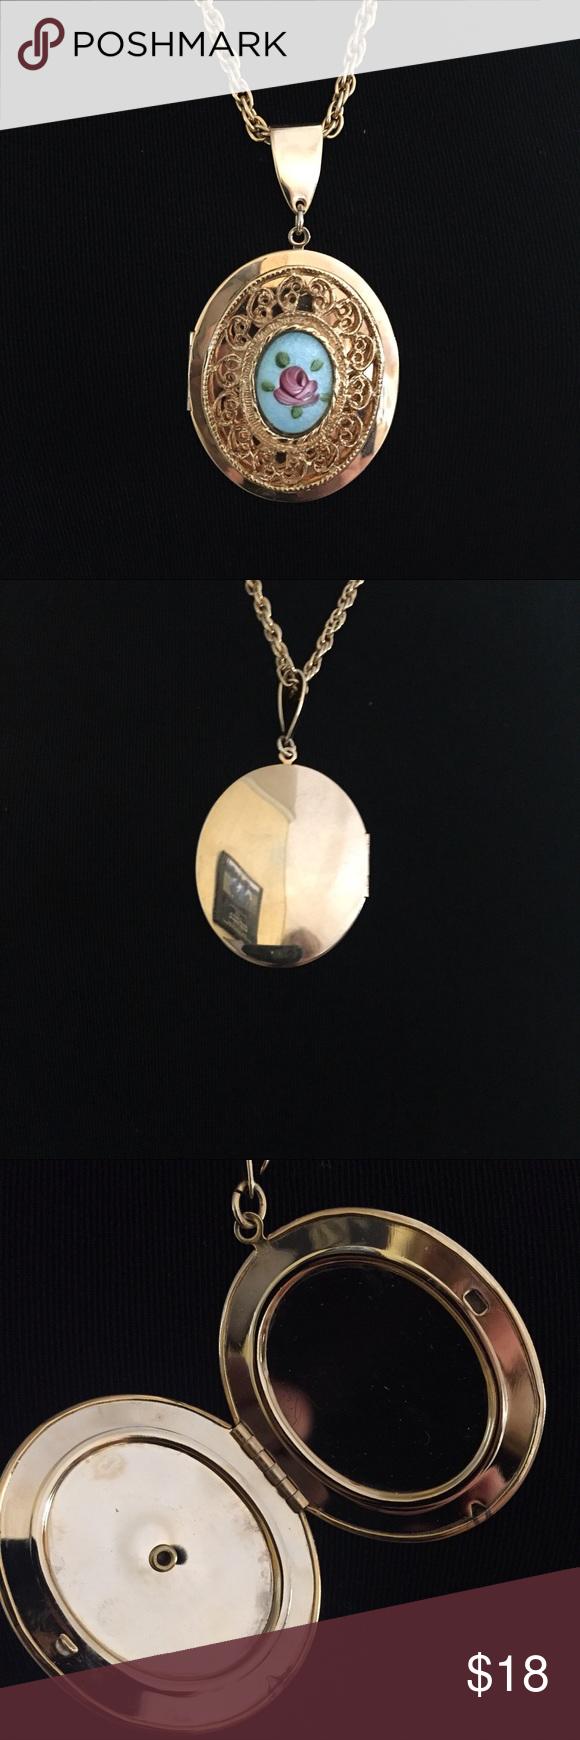 vintage filagree enameled rose locket necklace locket necklace